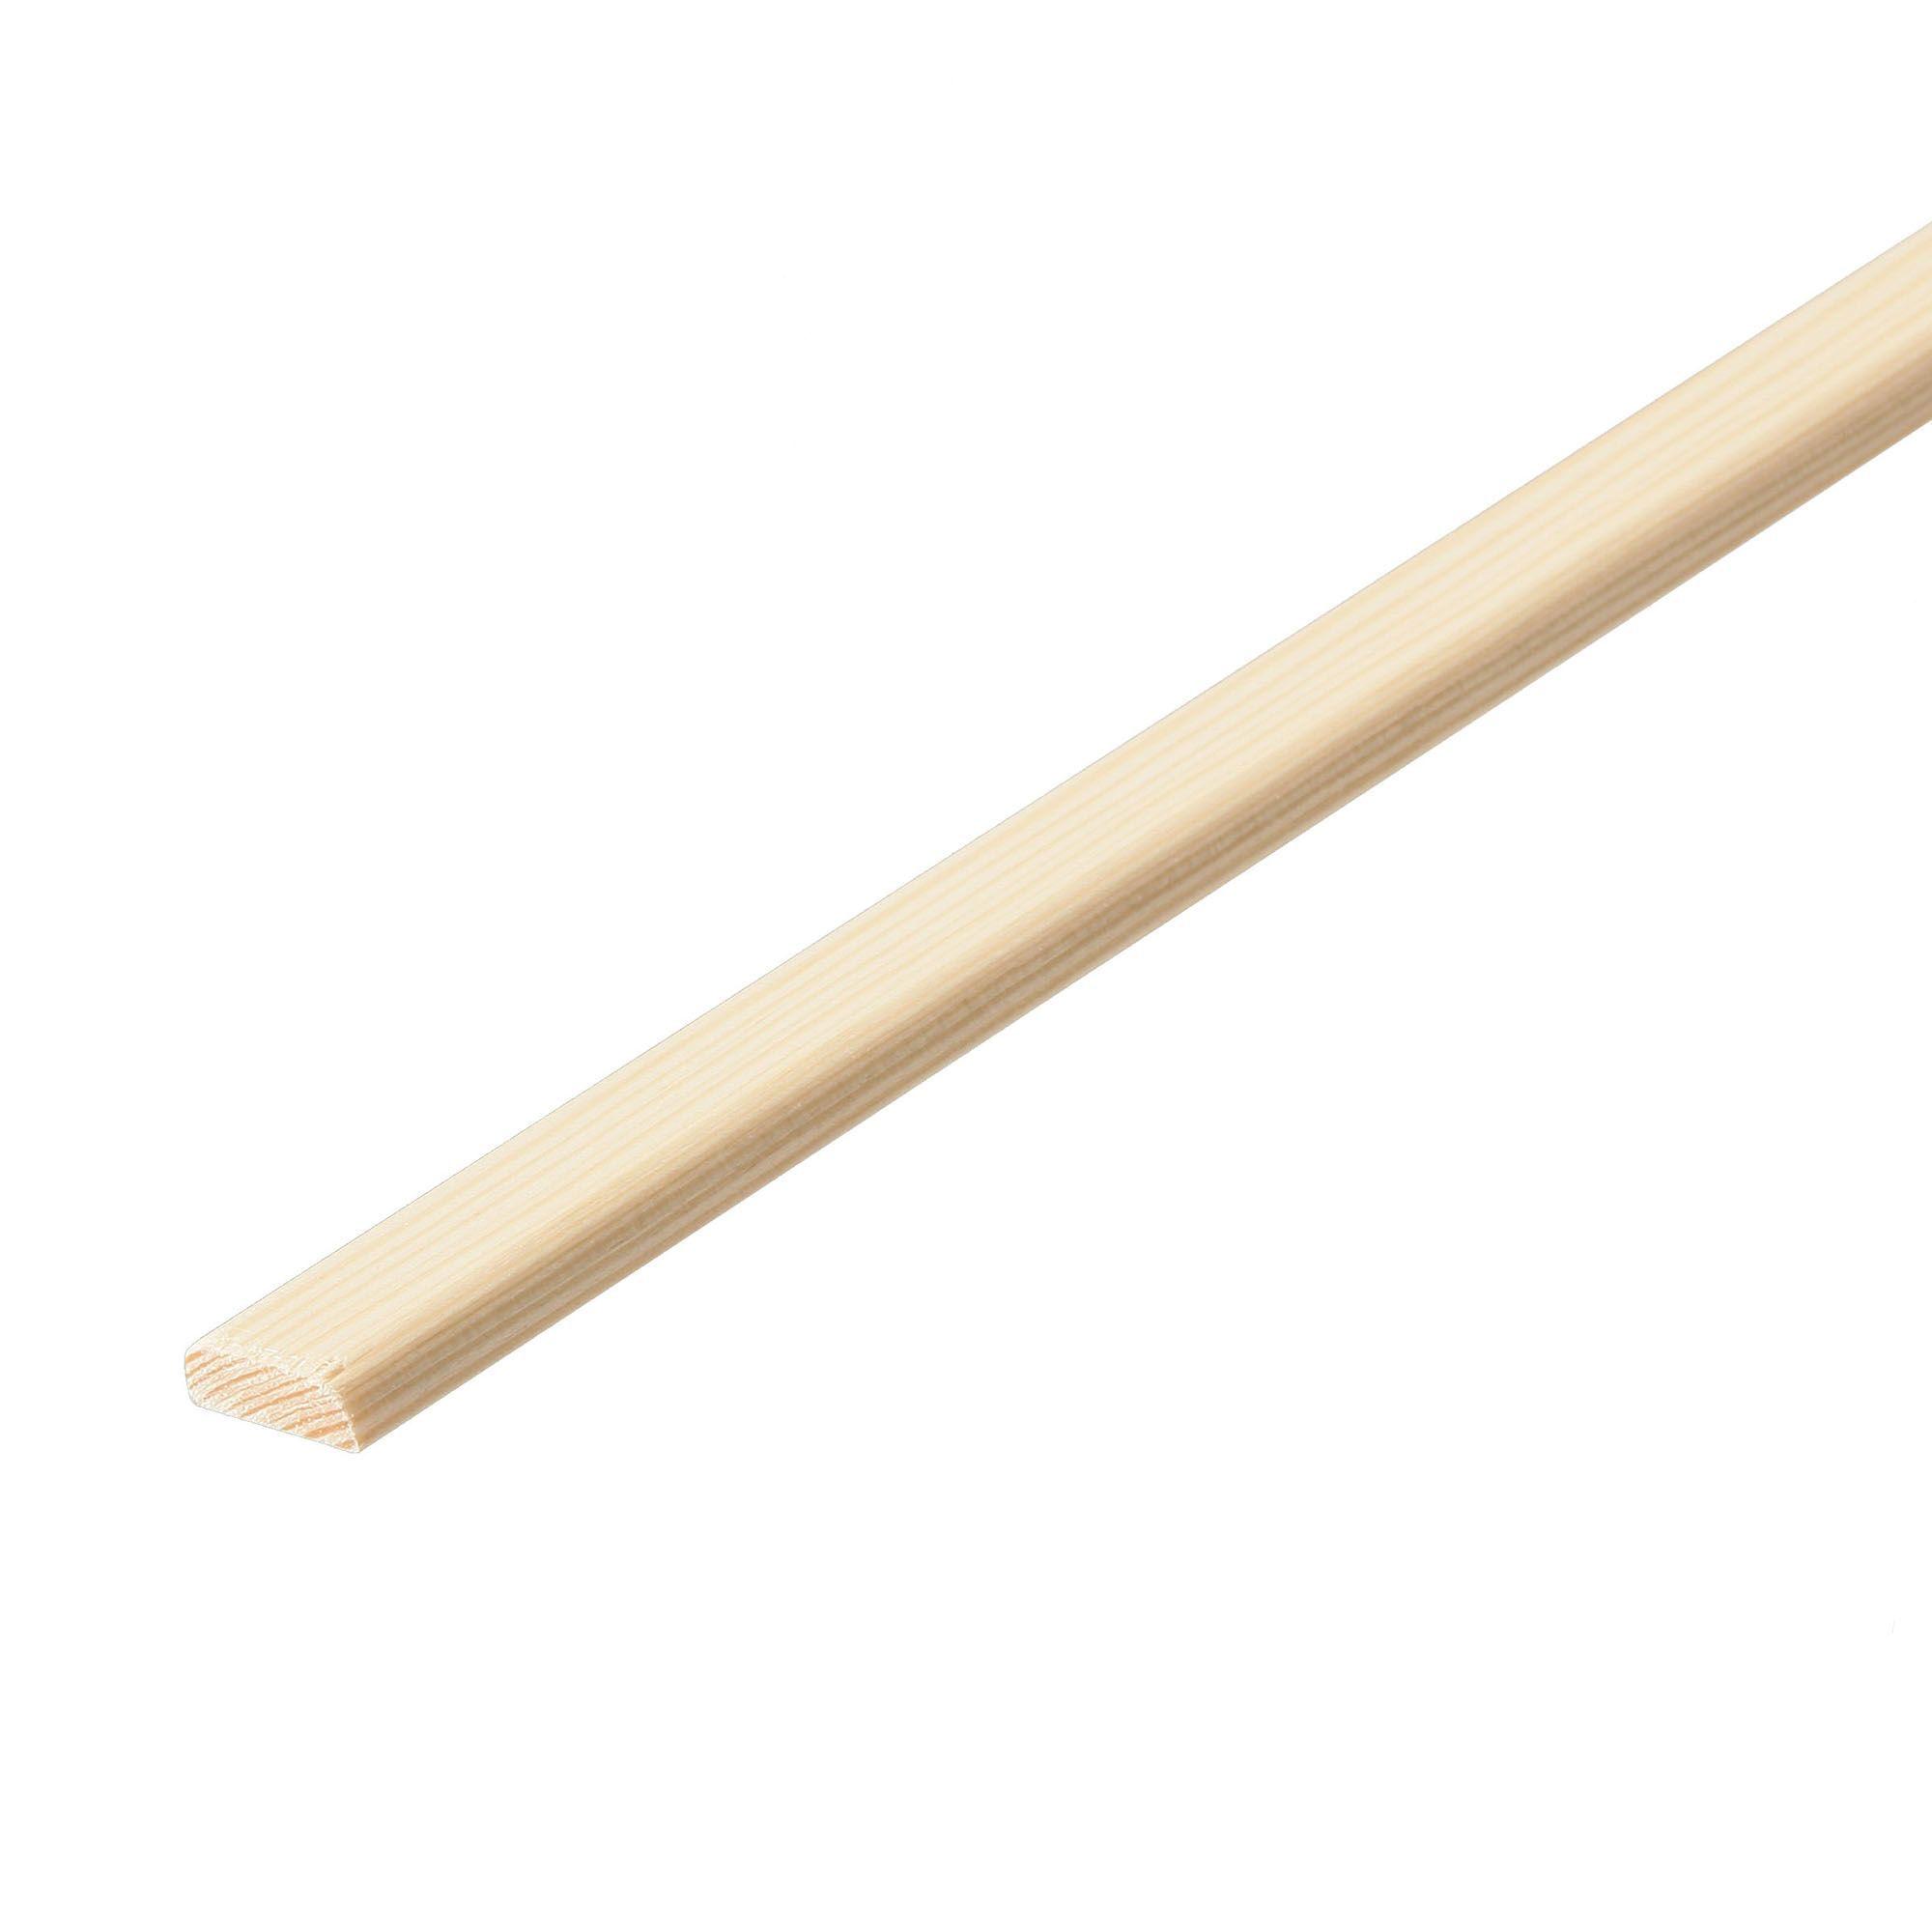 Pine D shape moulding (T)4.5mm (W)20mm (L)2400mm